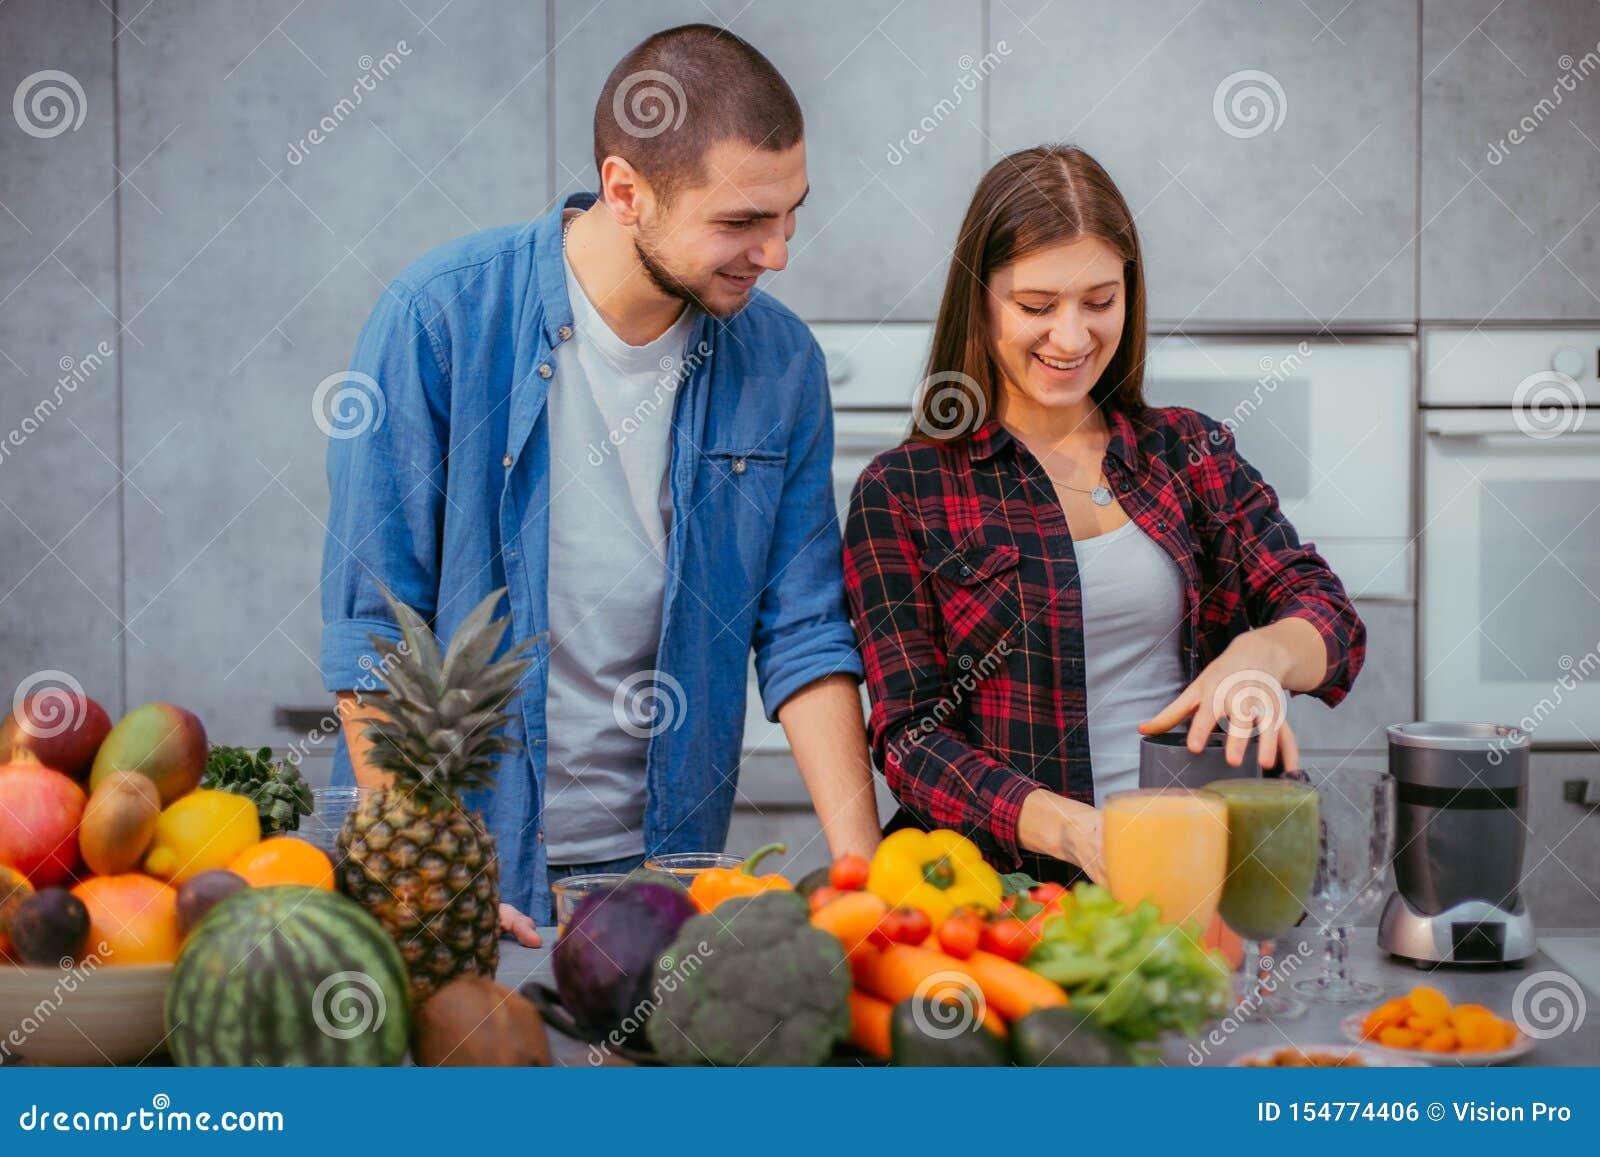 Reizende Paare haben morgens eine gute Laune, die gl?cklich ist, trinkt frischen Orangensaft, bevor sie das Fr?hst?ck kochen